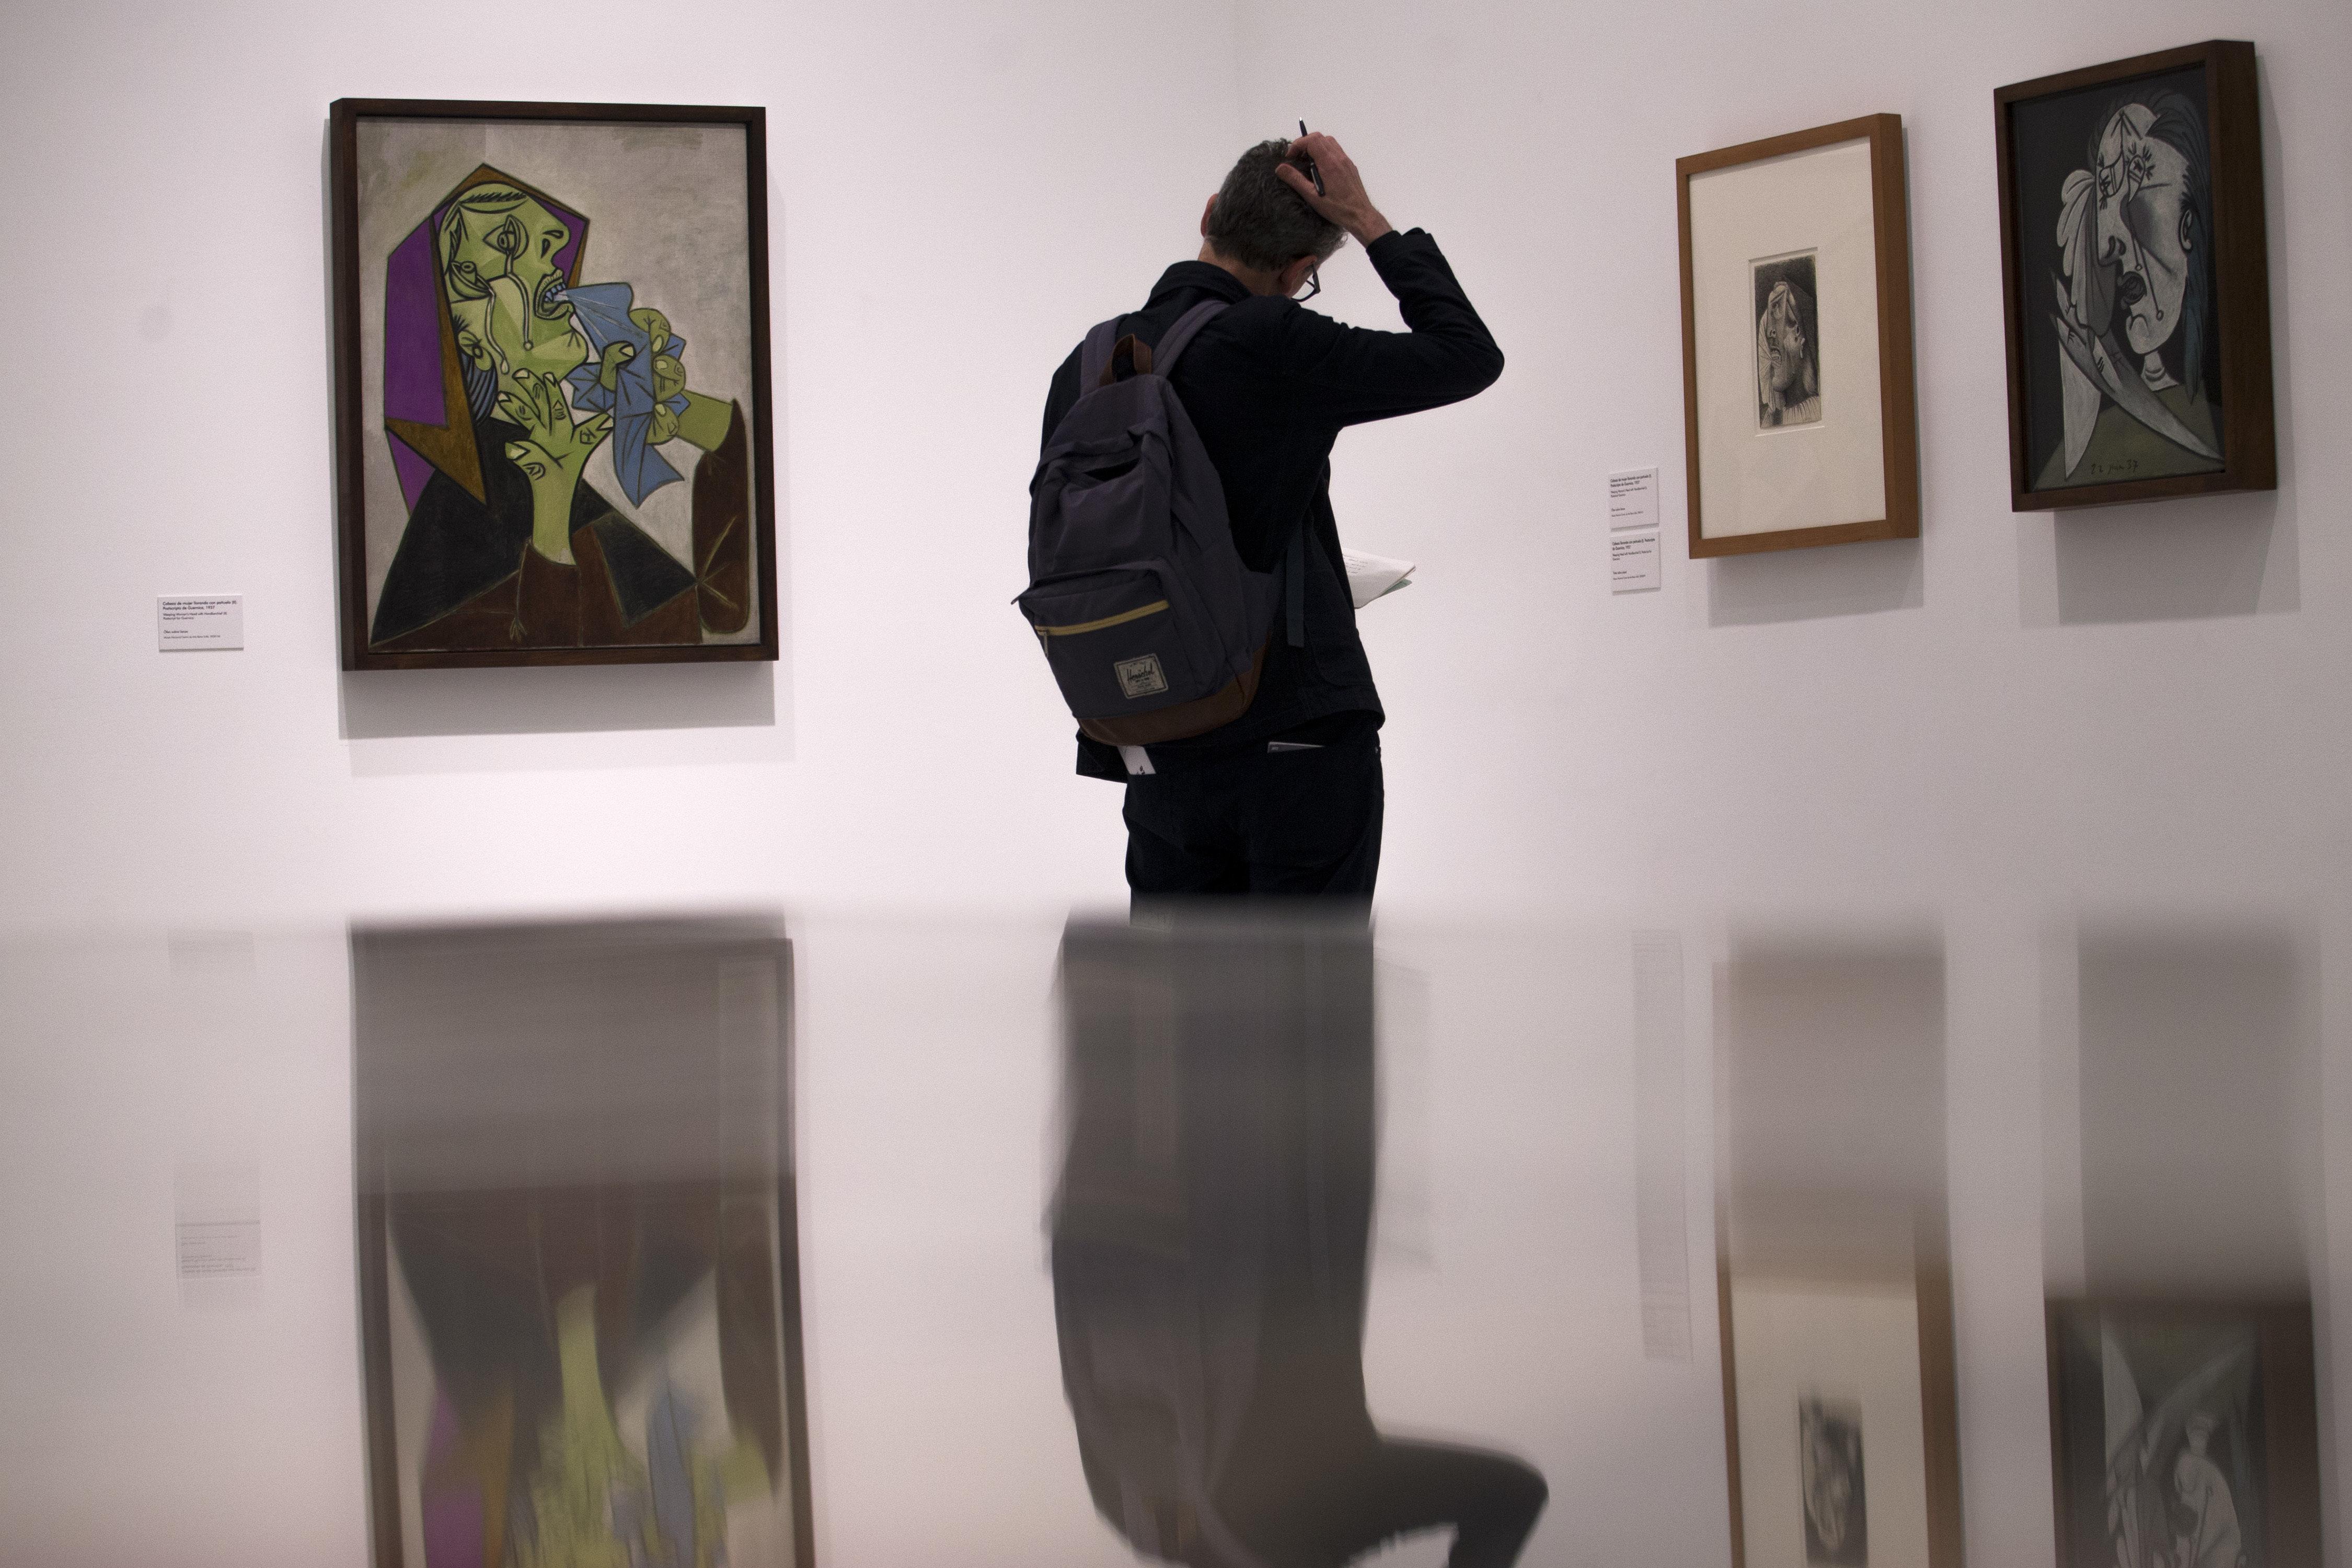 Un visiteur devant des oeuvres de Pablo Picasso exposées dans le musée Reina Sofia de Madrid,...